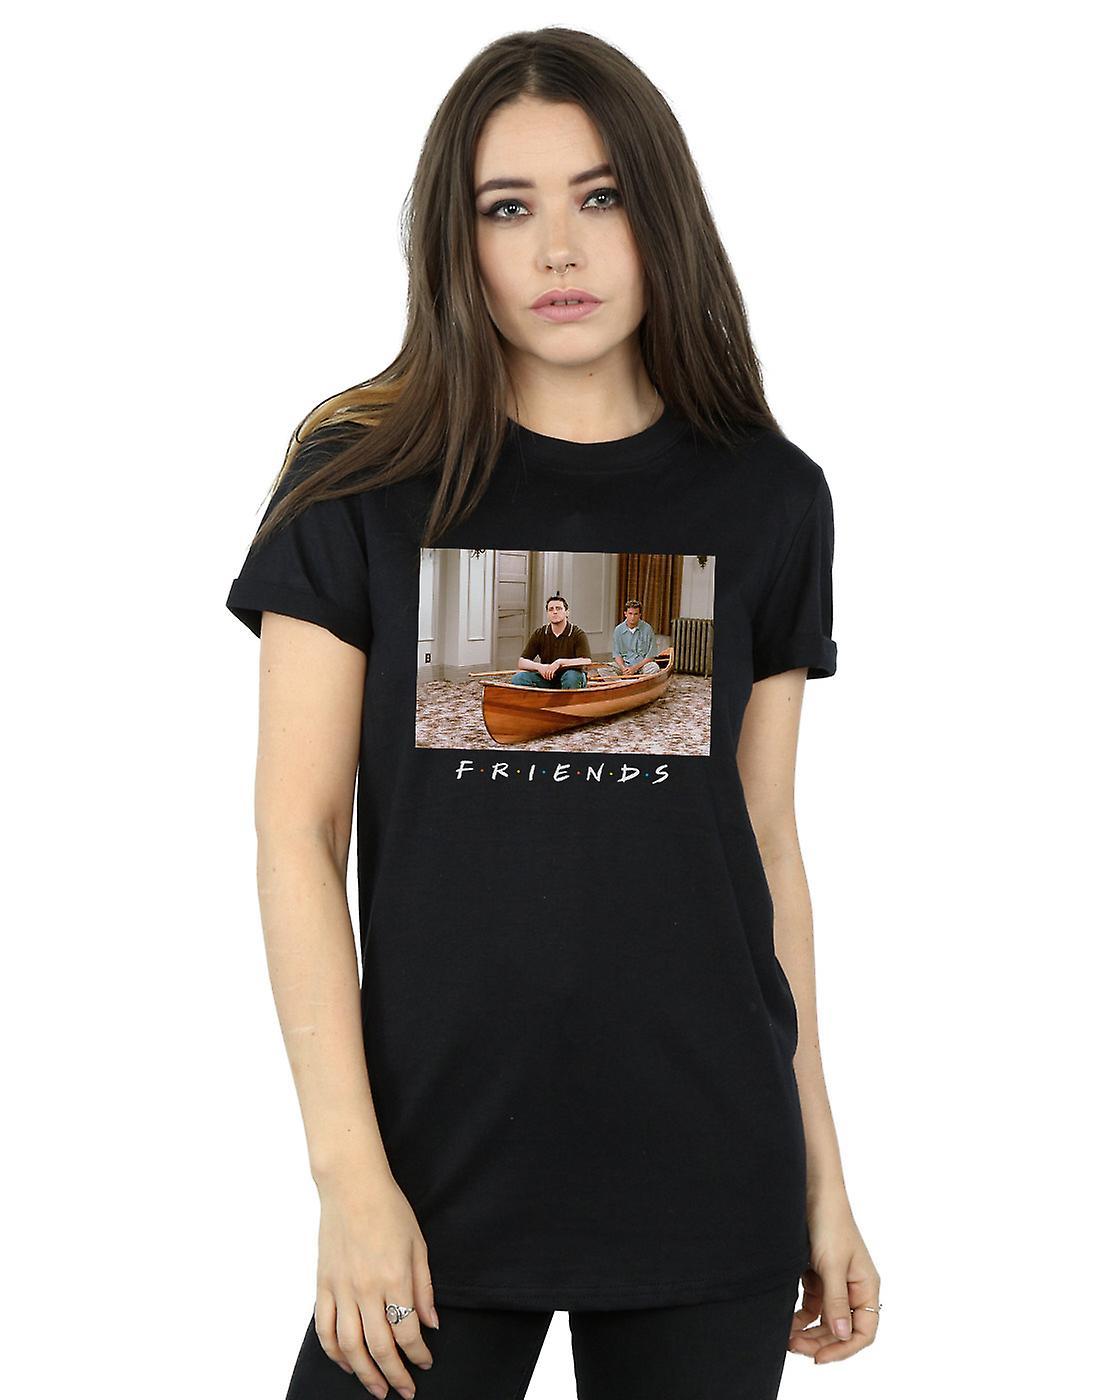 Friends Women's Joey And Chandler Boat Boyfriend Fit T-Shirt